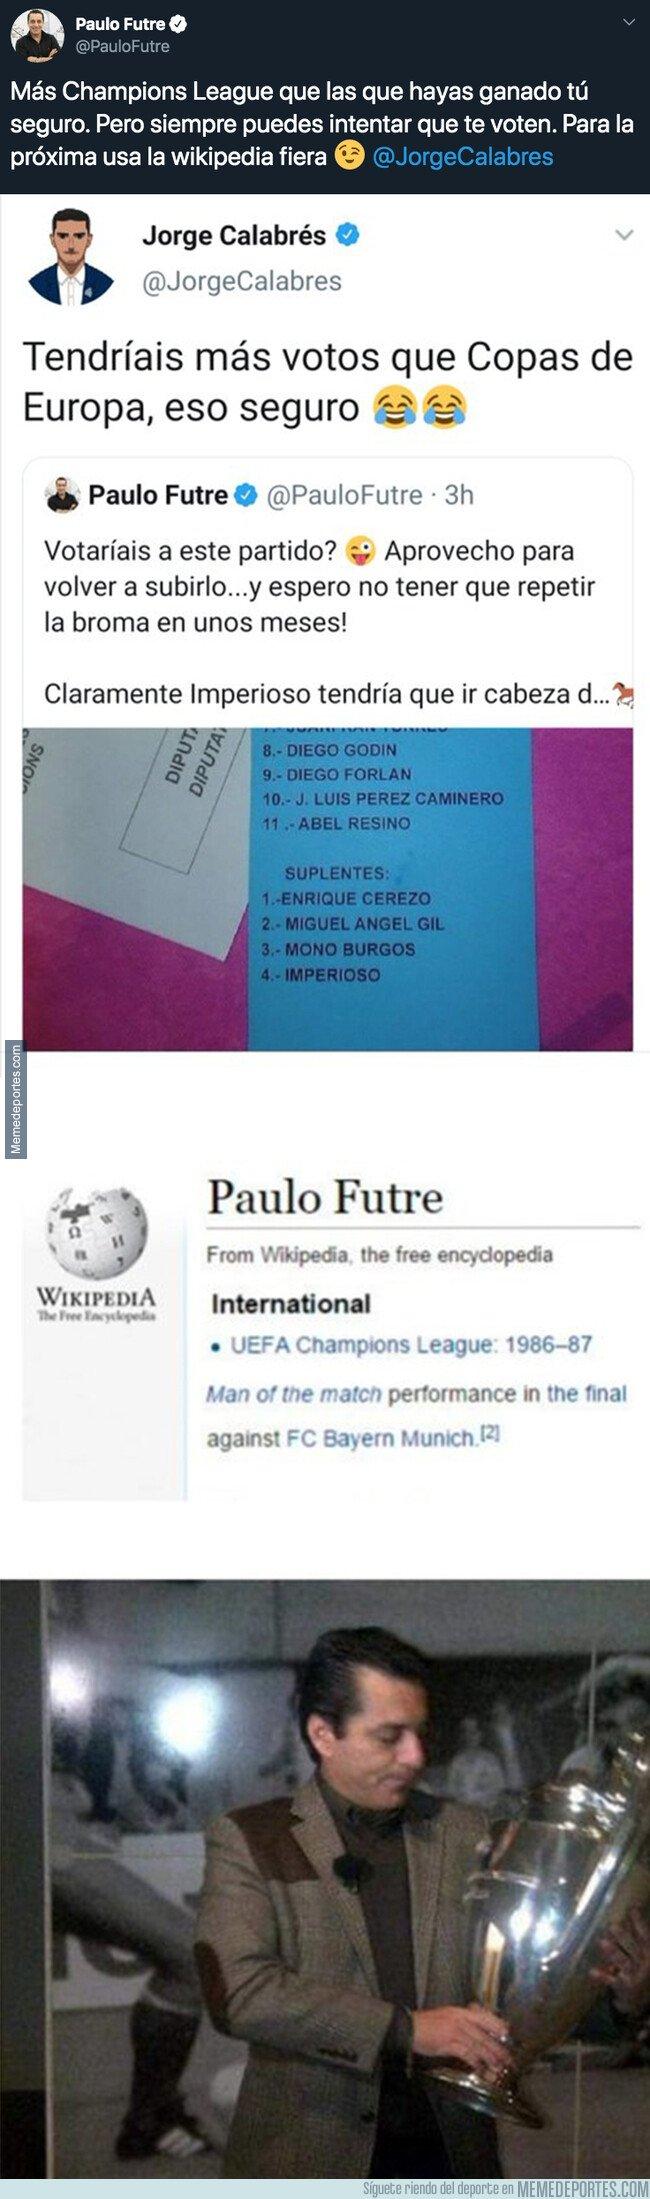 1090782 - Un periodista madridista intenta reírse de Paulo Futre y sus Champions y sale trasquilado